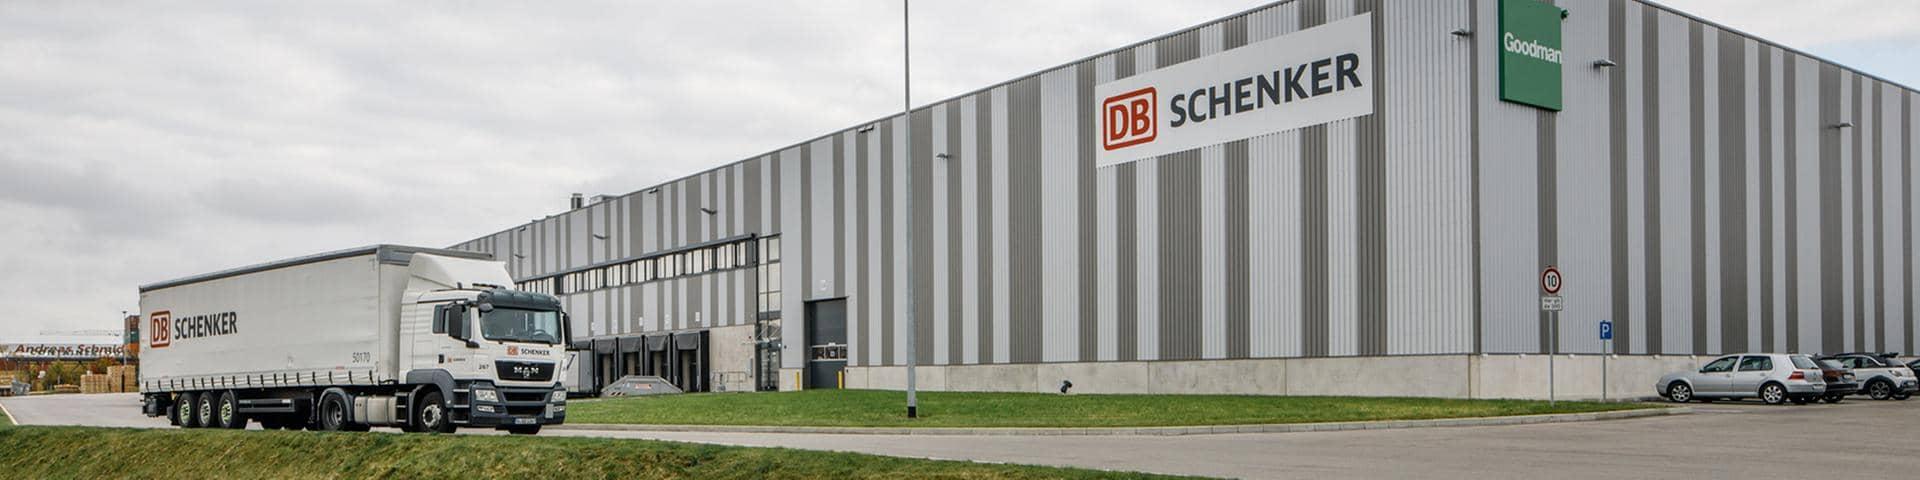 DB Schenker Logistics Center in Augsburg Germany